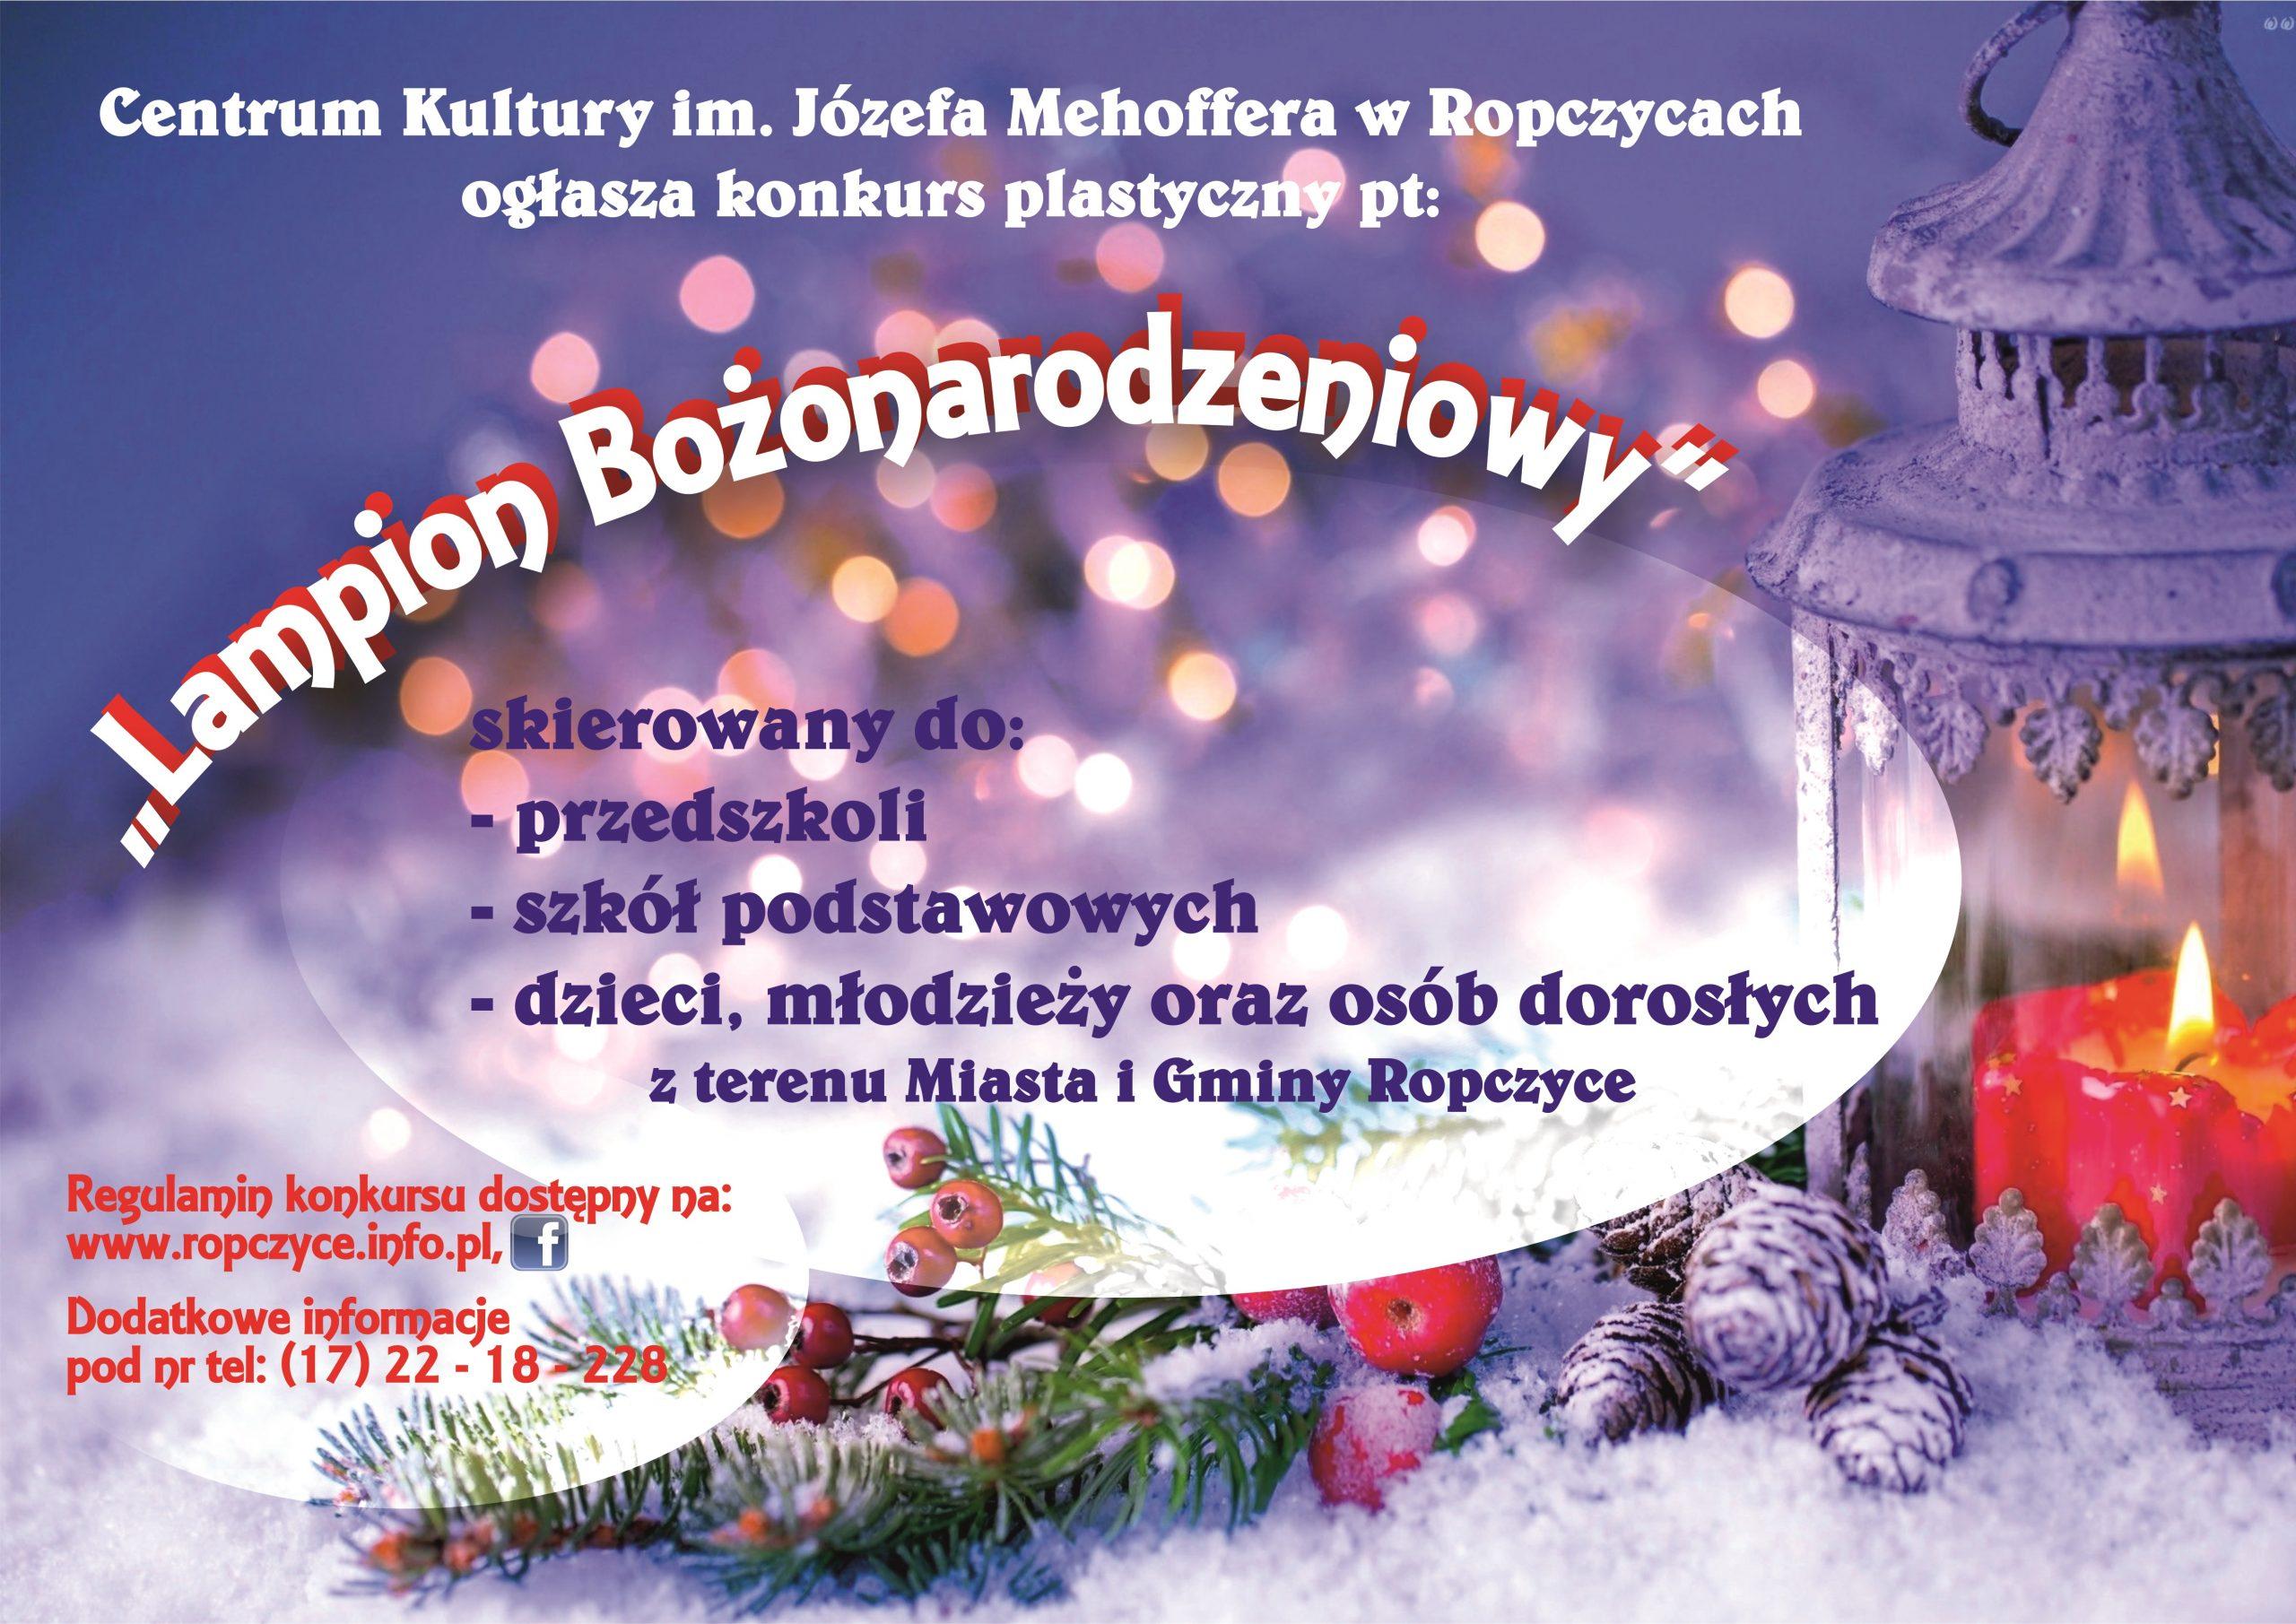 Lampion-Bozonarodzeniowy-scaled.jpg